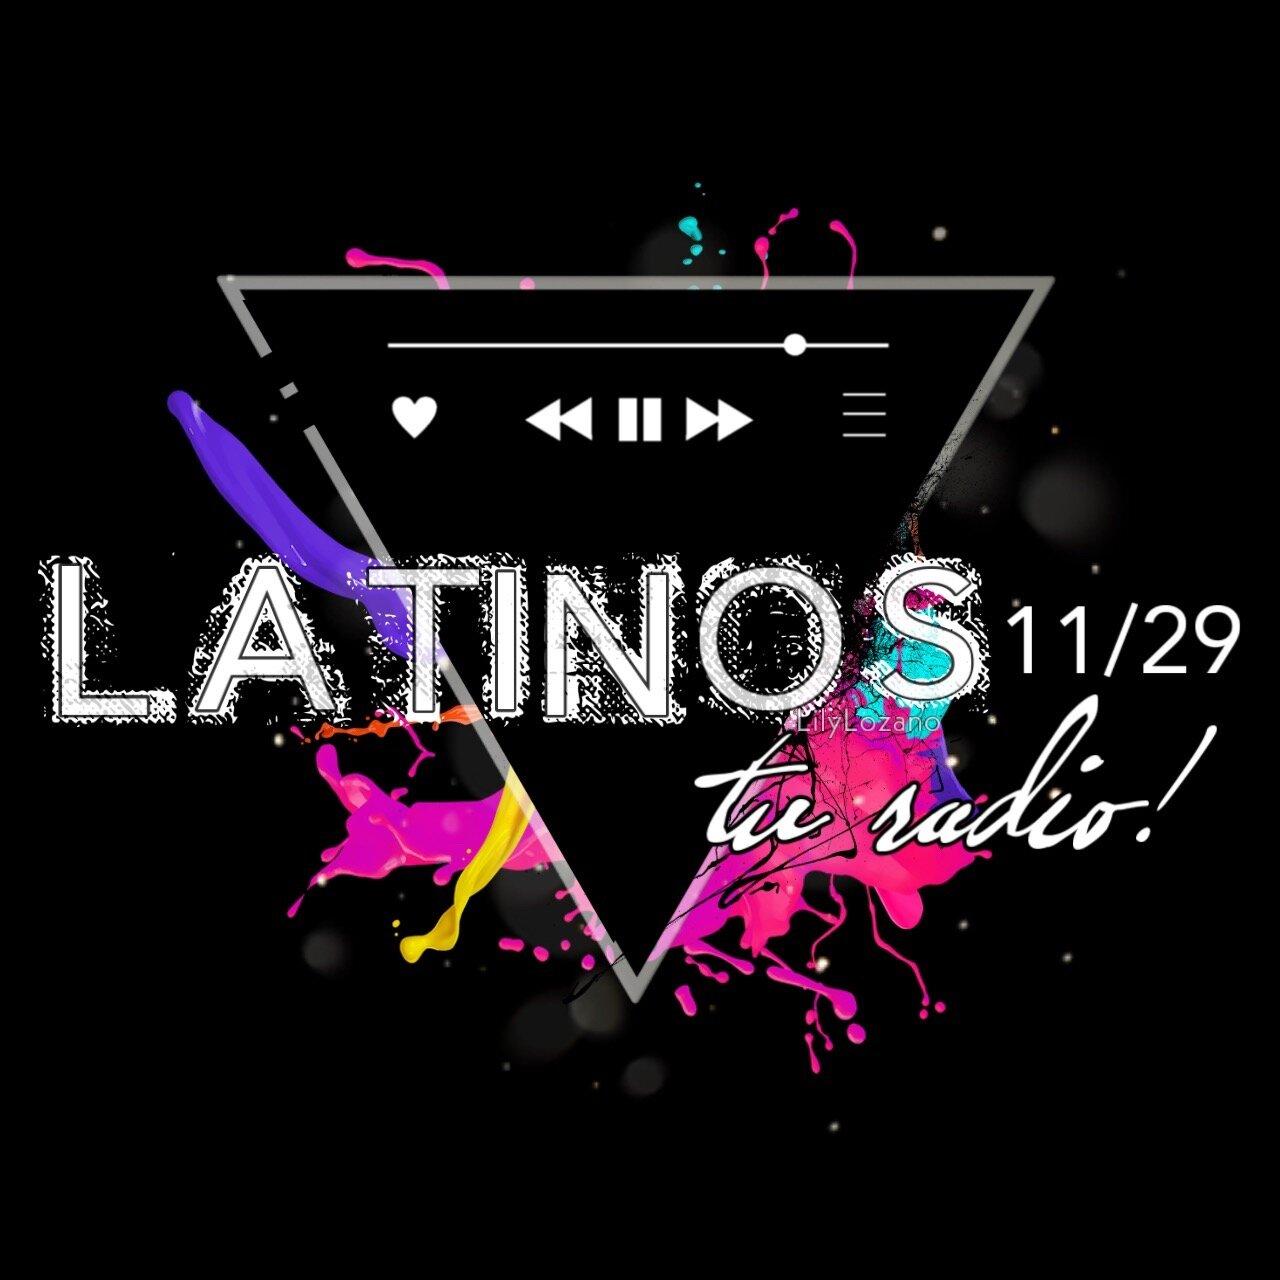 Latinos11-29